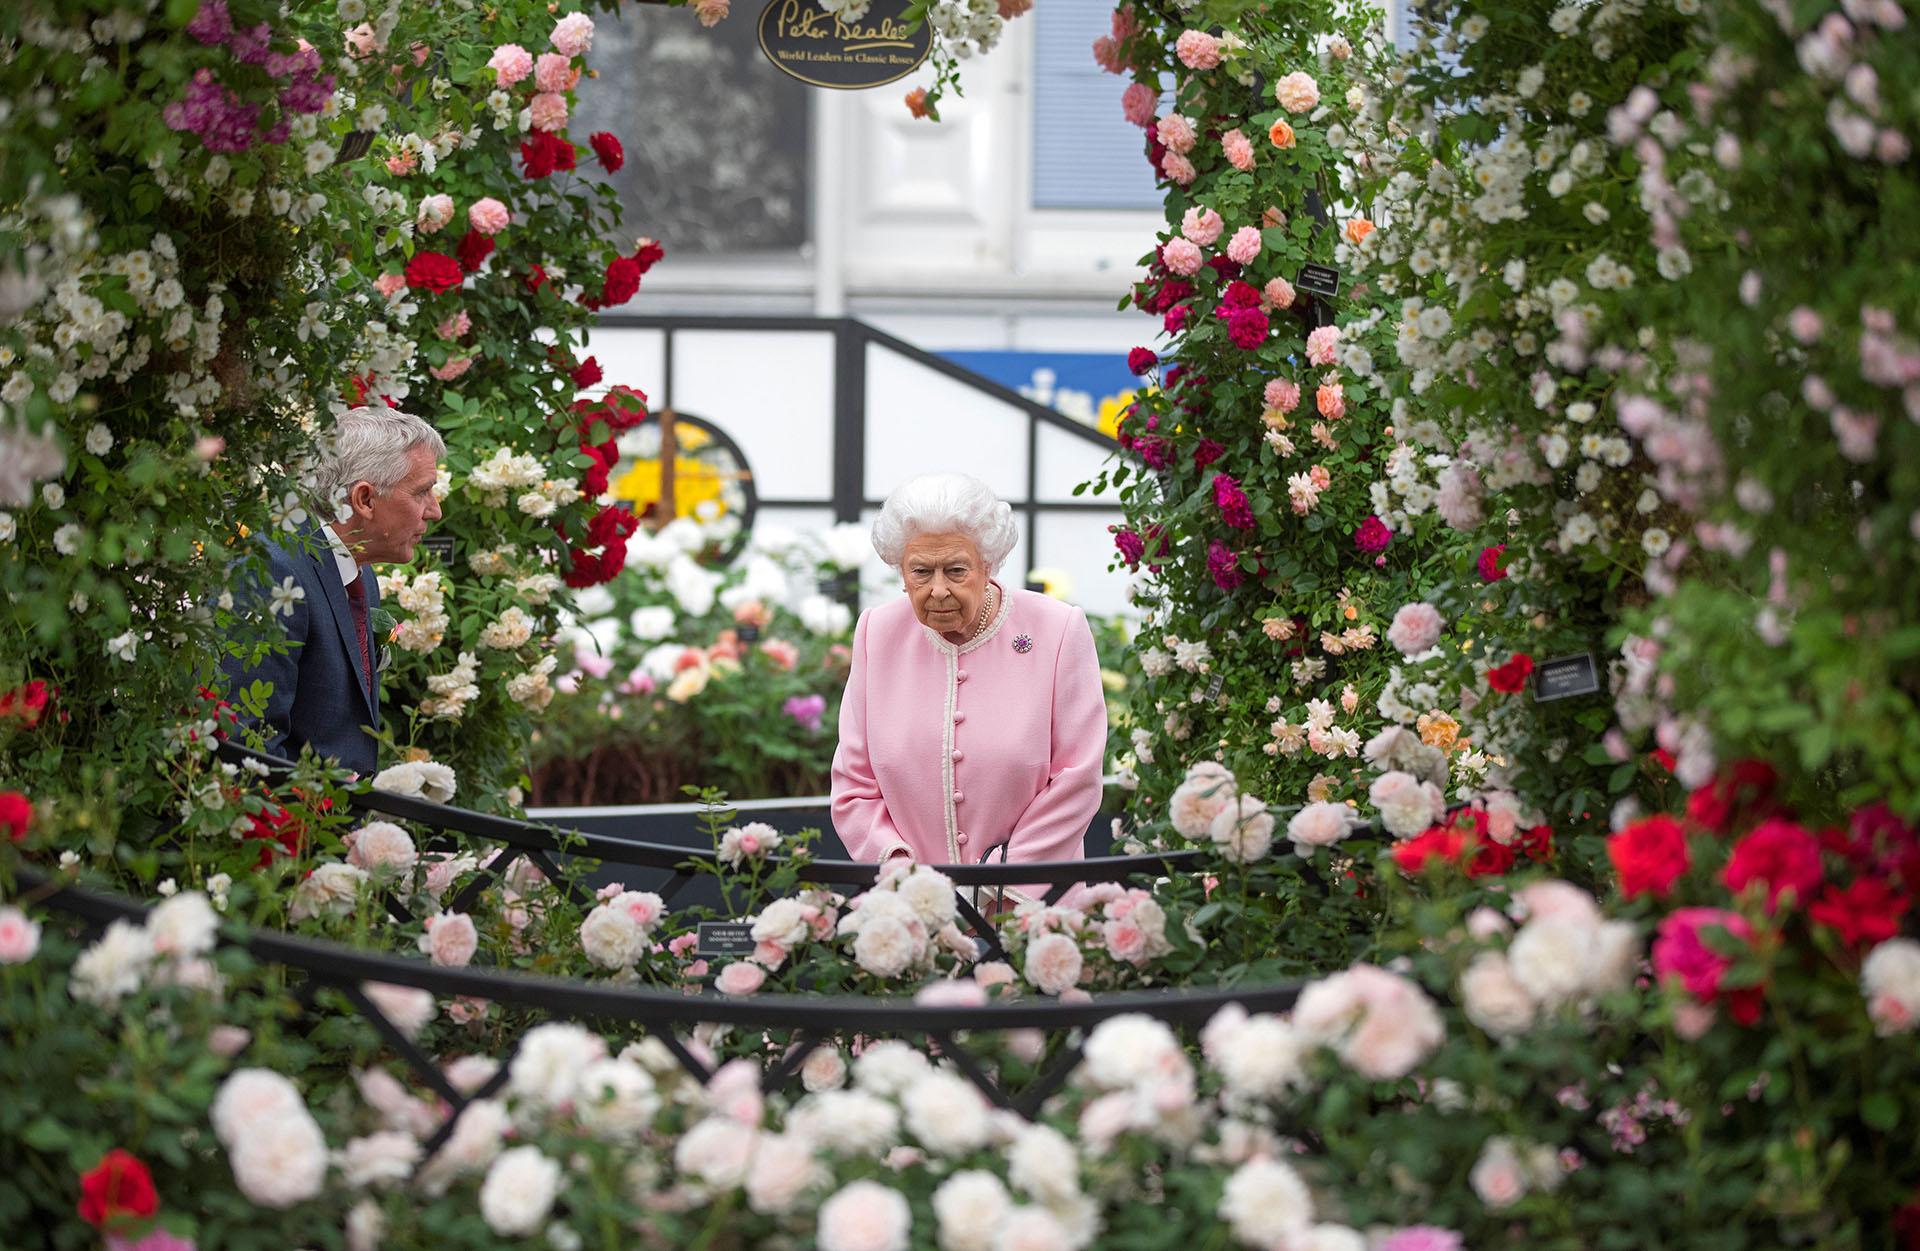 La monarca recorrió los jardines del Hospital, convertidos en fabulosas exhibiciones de horticultura